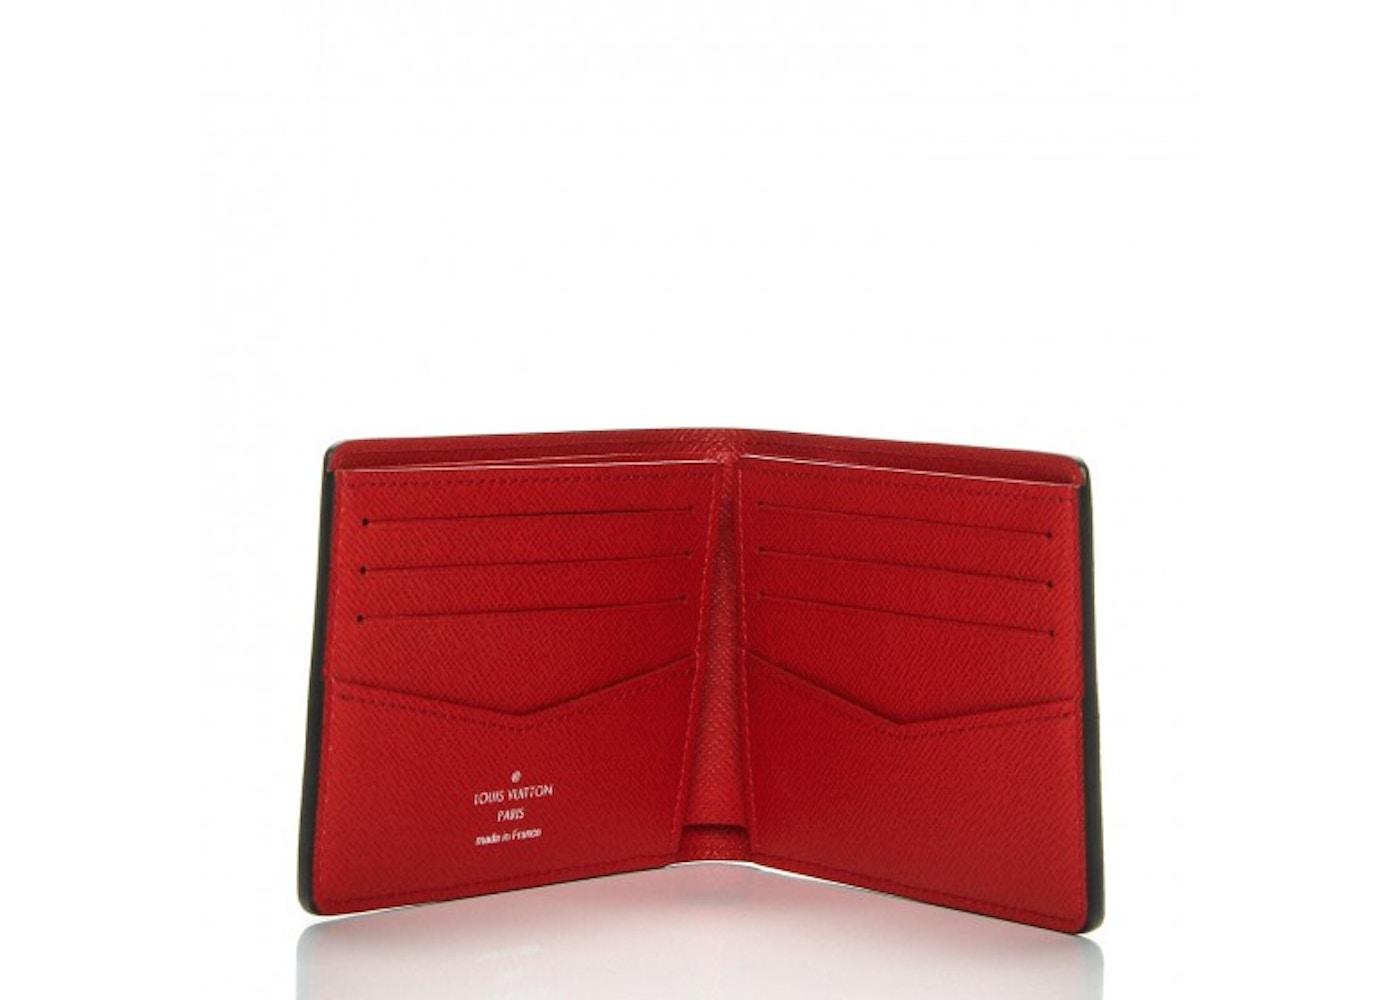 b9c2536cc4 Louis Vuitton x Supreme Slender Wallet Epi Red